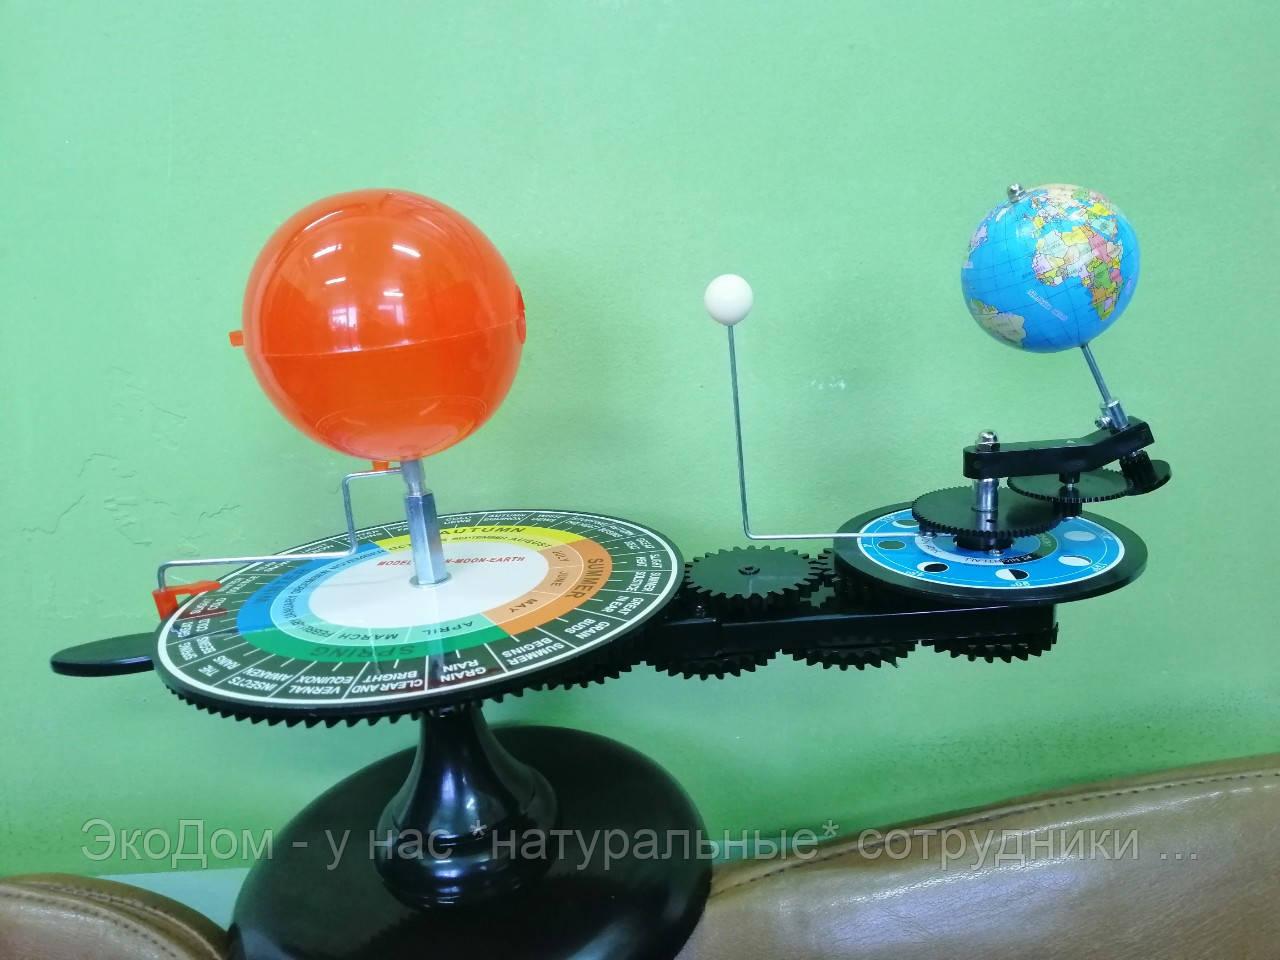 Теллурий - демонстрационная модель (Модель Солнце-Земля-Луна)